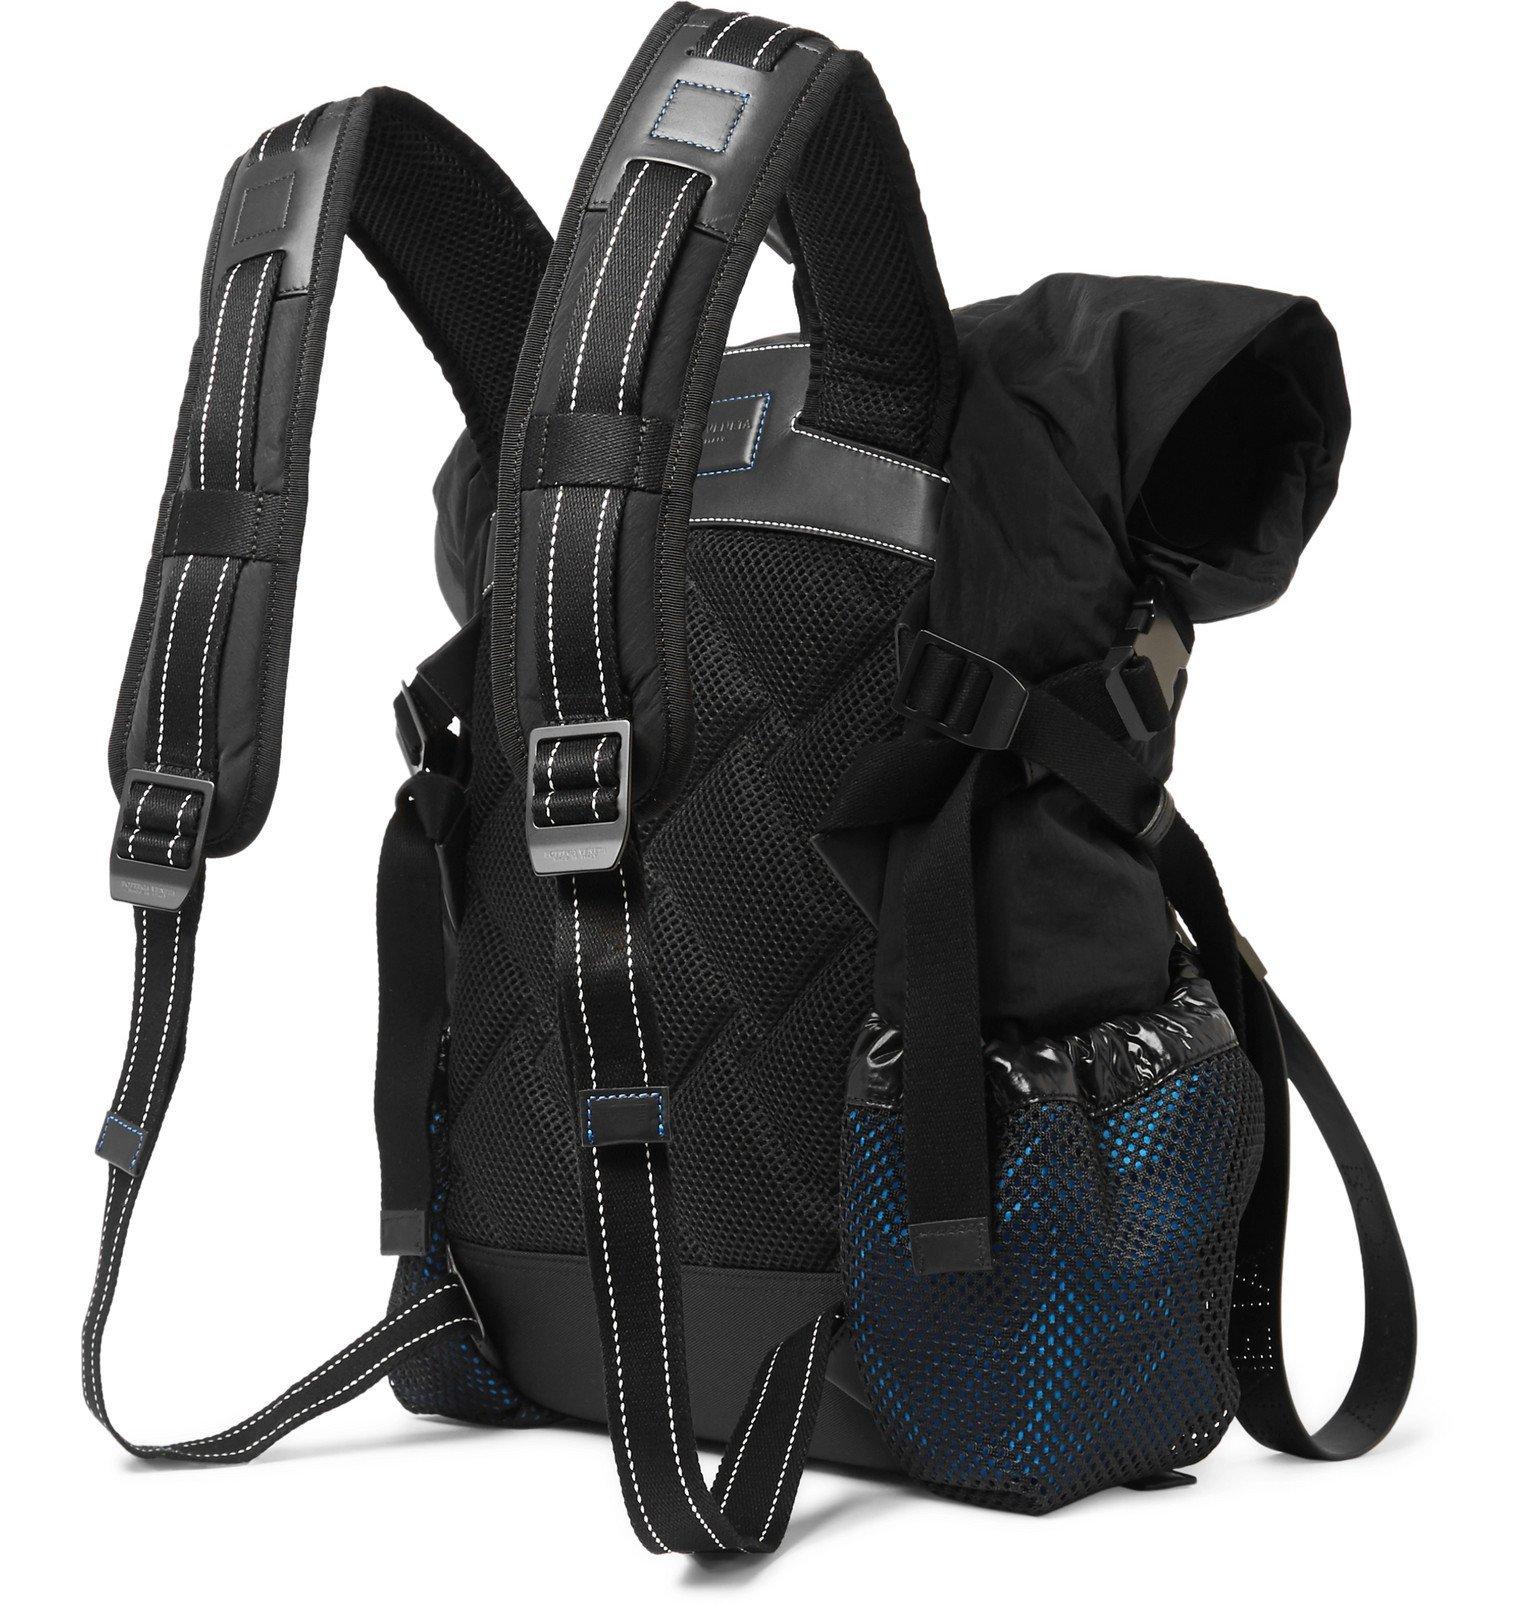 Bottega Veneta - Leather-Trimmed Nylon Backpack - Black